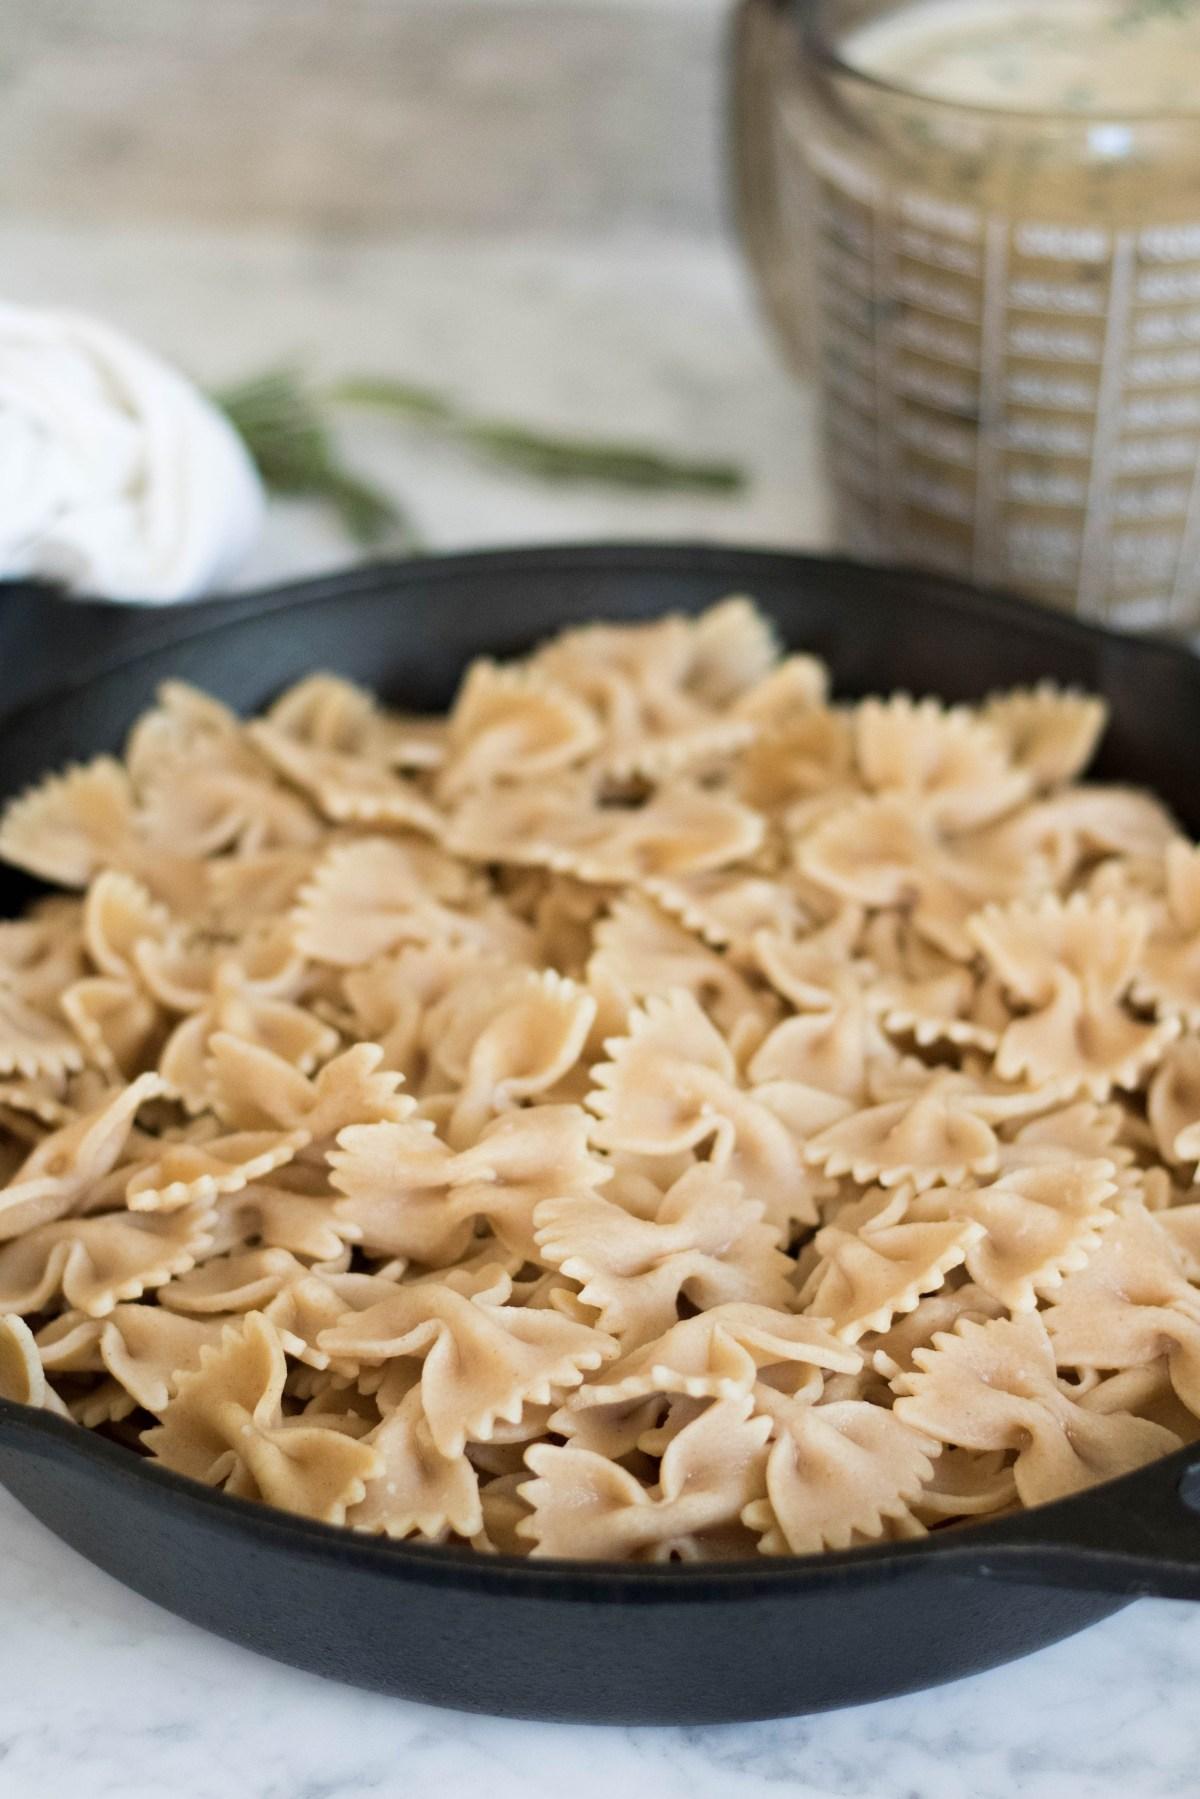 Vegan Kale and Mushroom pasta